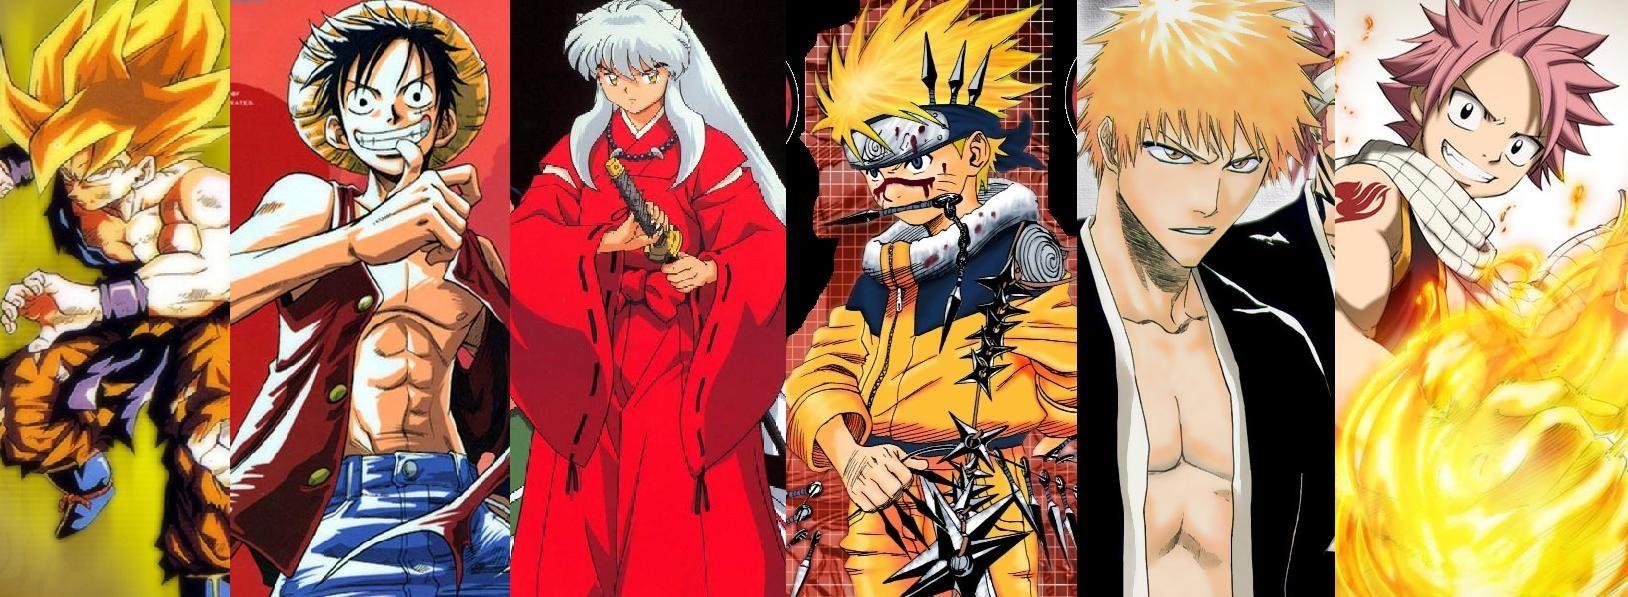 Goku Ichigo Naruto Luffy Natsu Google Search Anime Anime Crossover Bleach Anime Ichigo